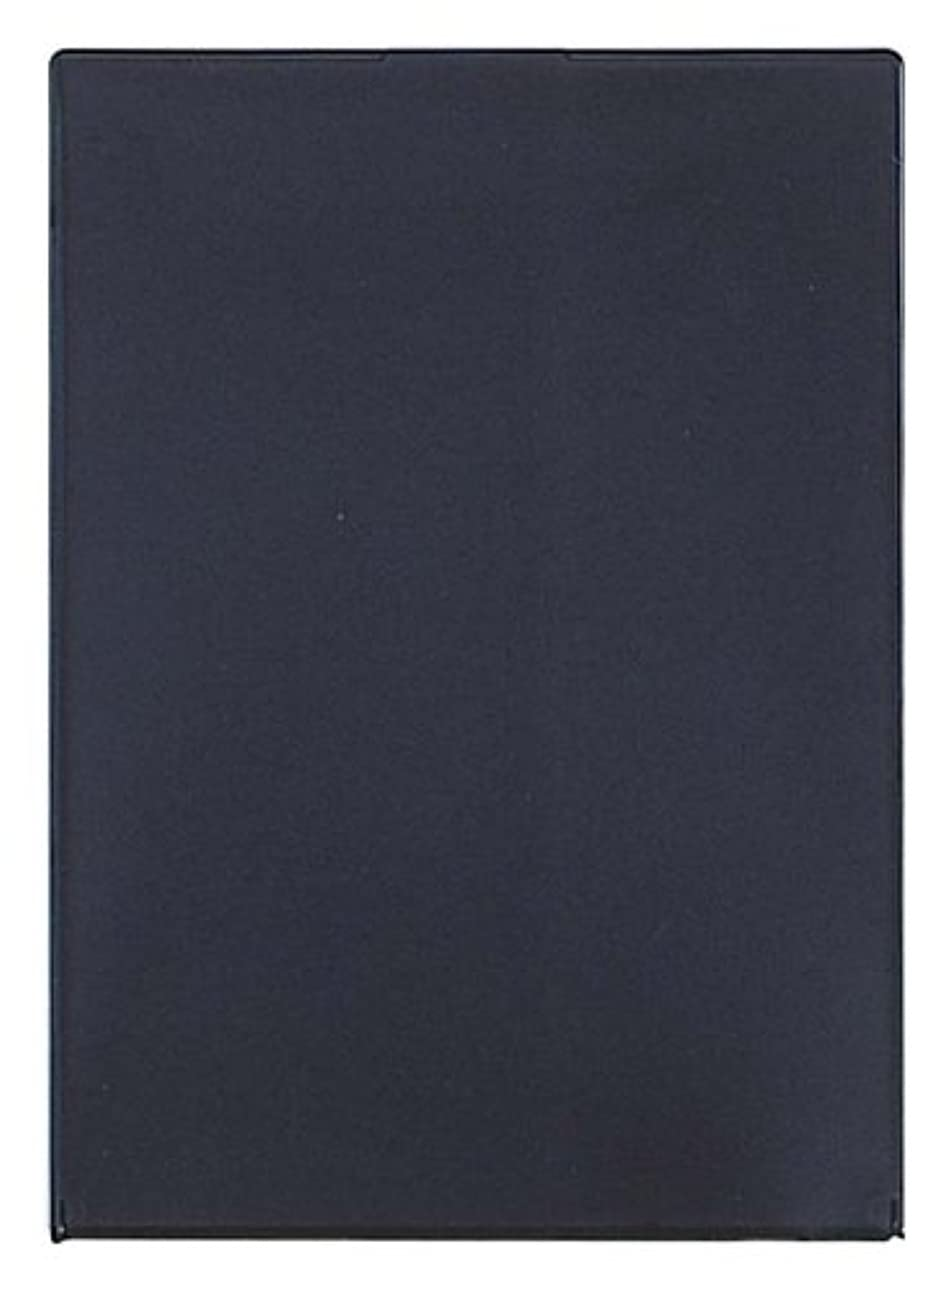 名義で固有のくしゃくしゃビブレ角型コンパクトミラーLL ブラック Y-1207